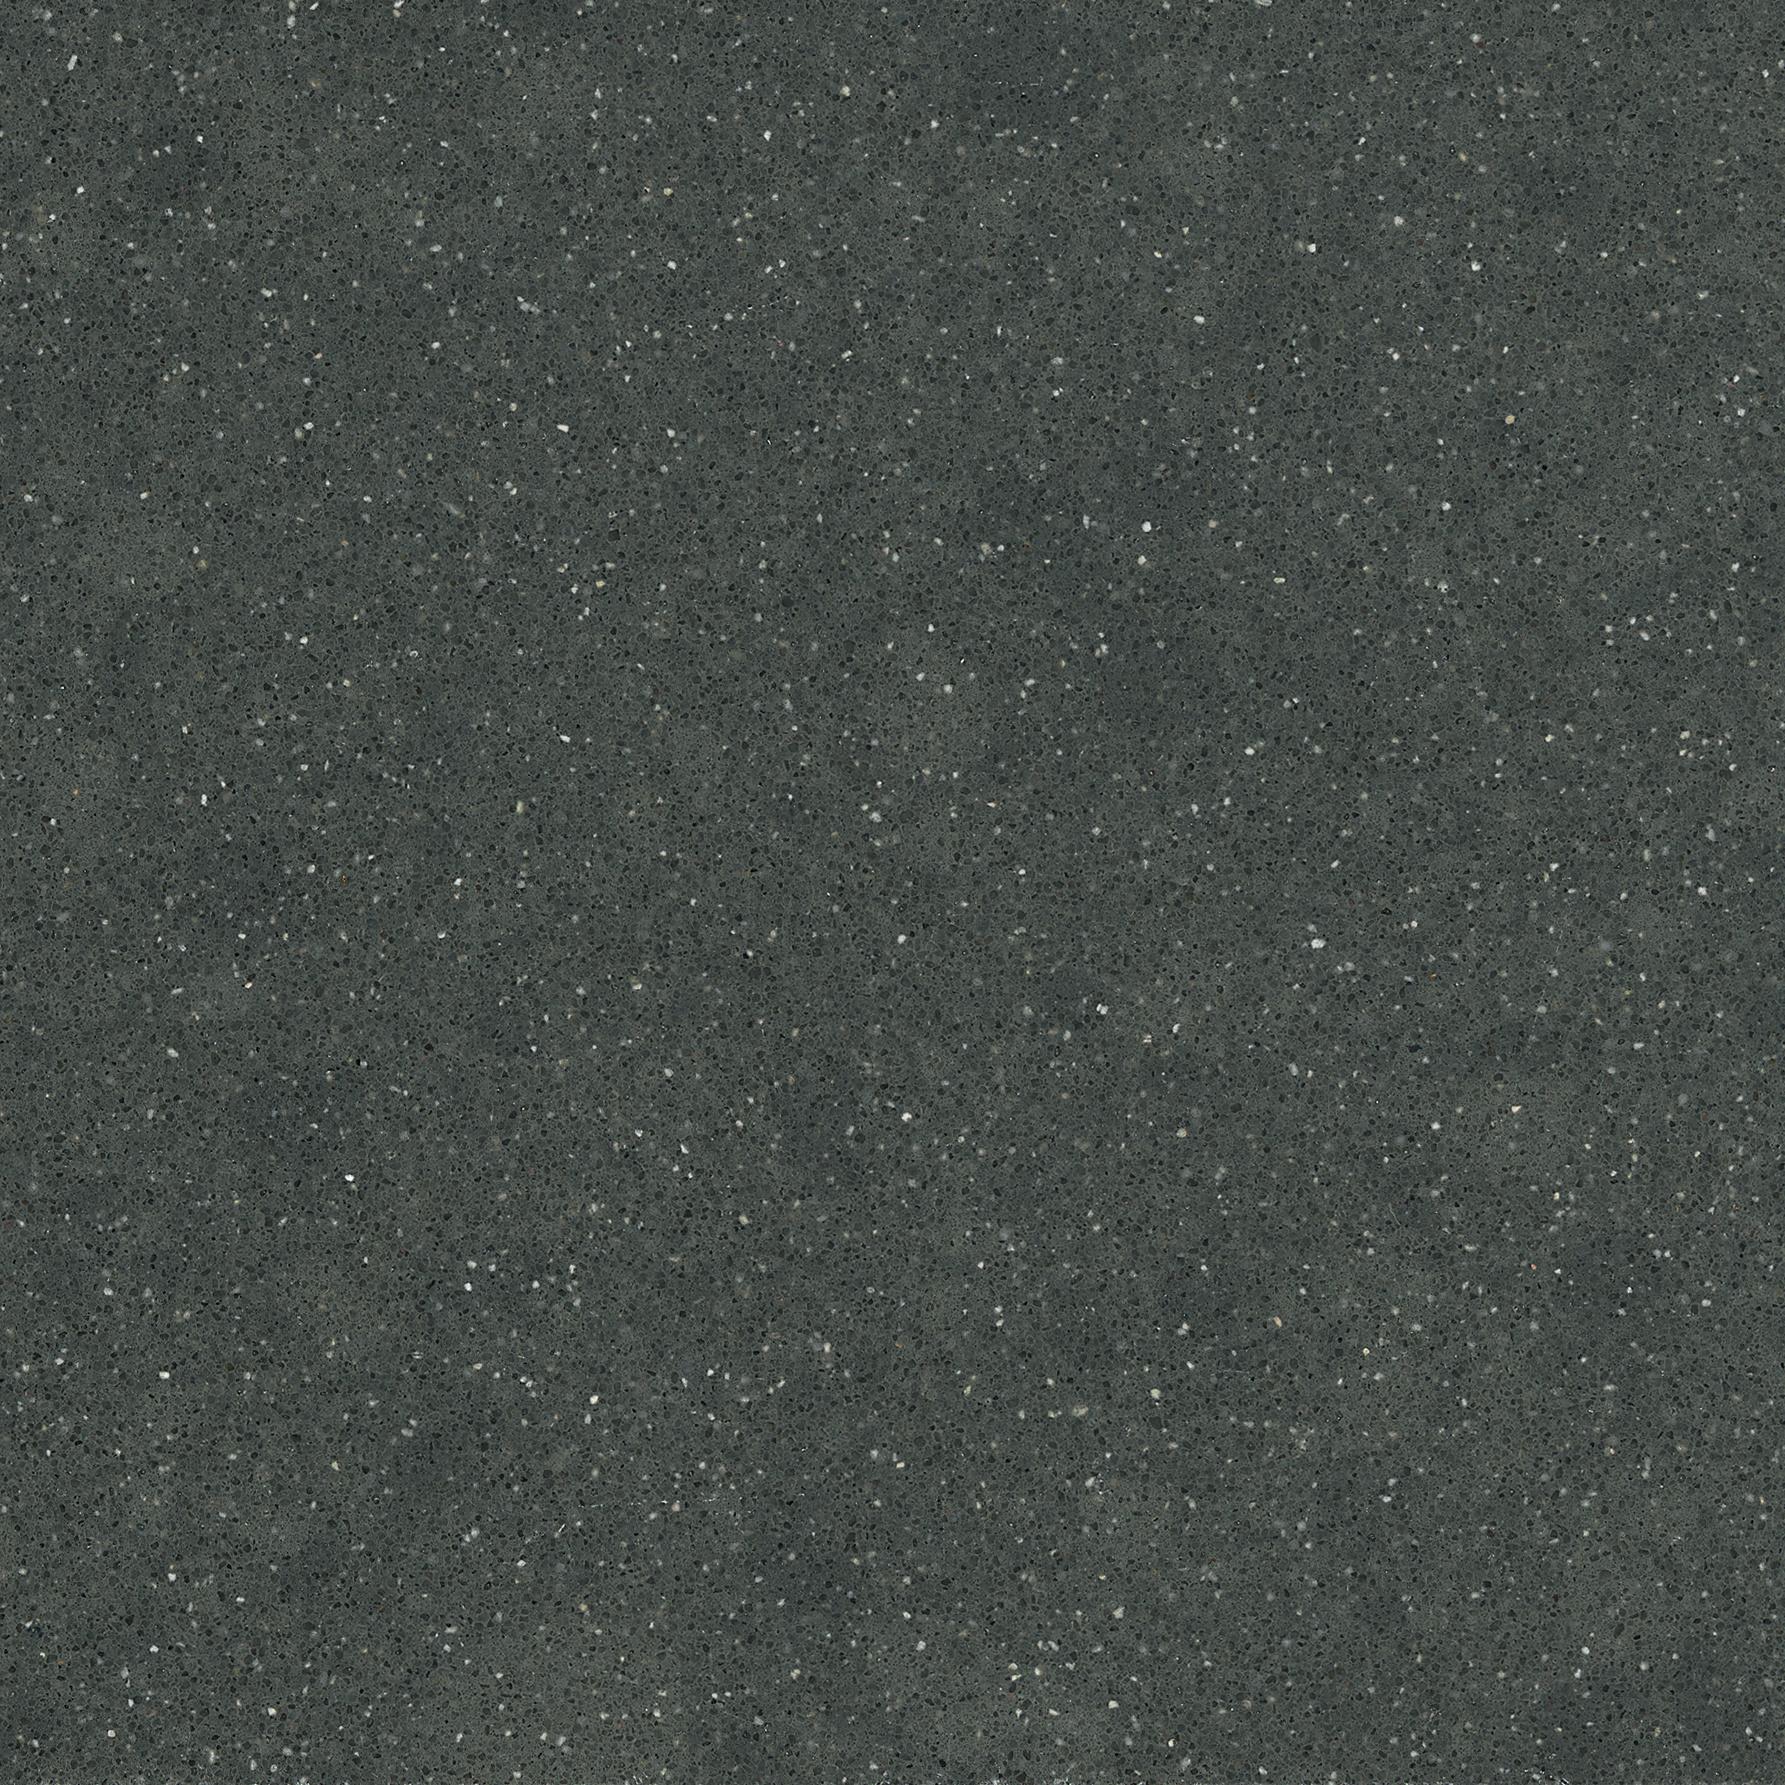 grigio_milano grain.jpg